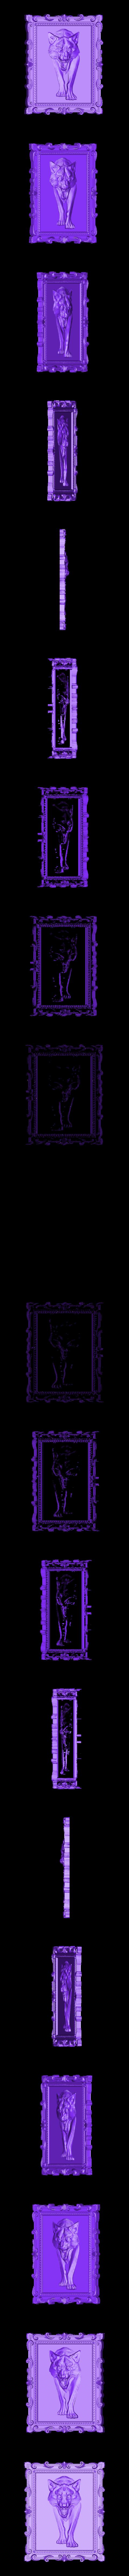 704 Панно.stl Télécharger fichier STL gratuit Loup • Modèle pour impression 3D, stl3dmodel